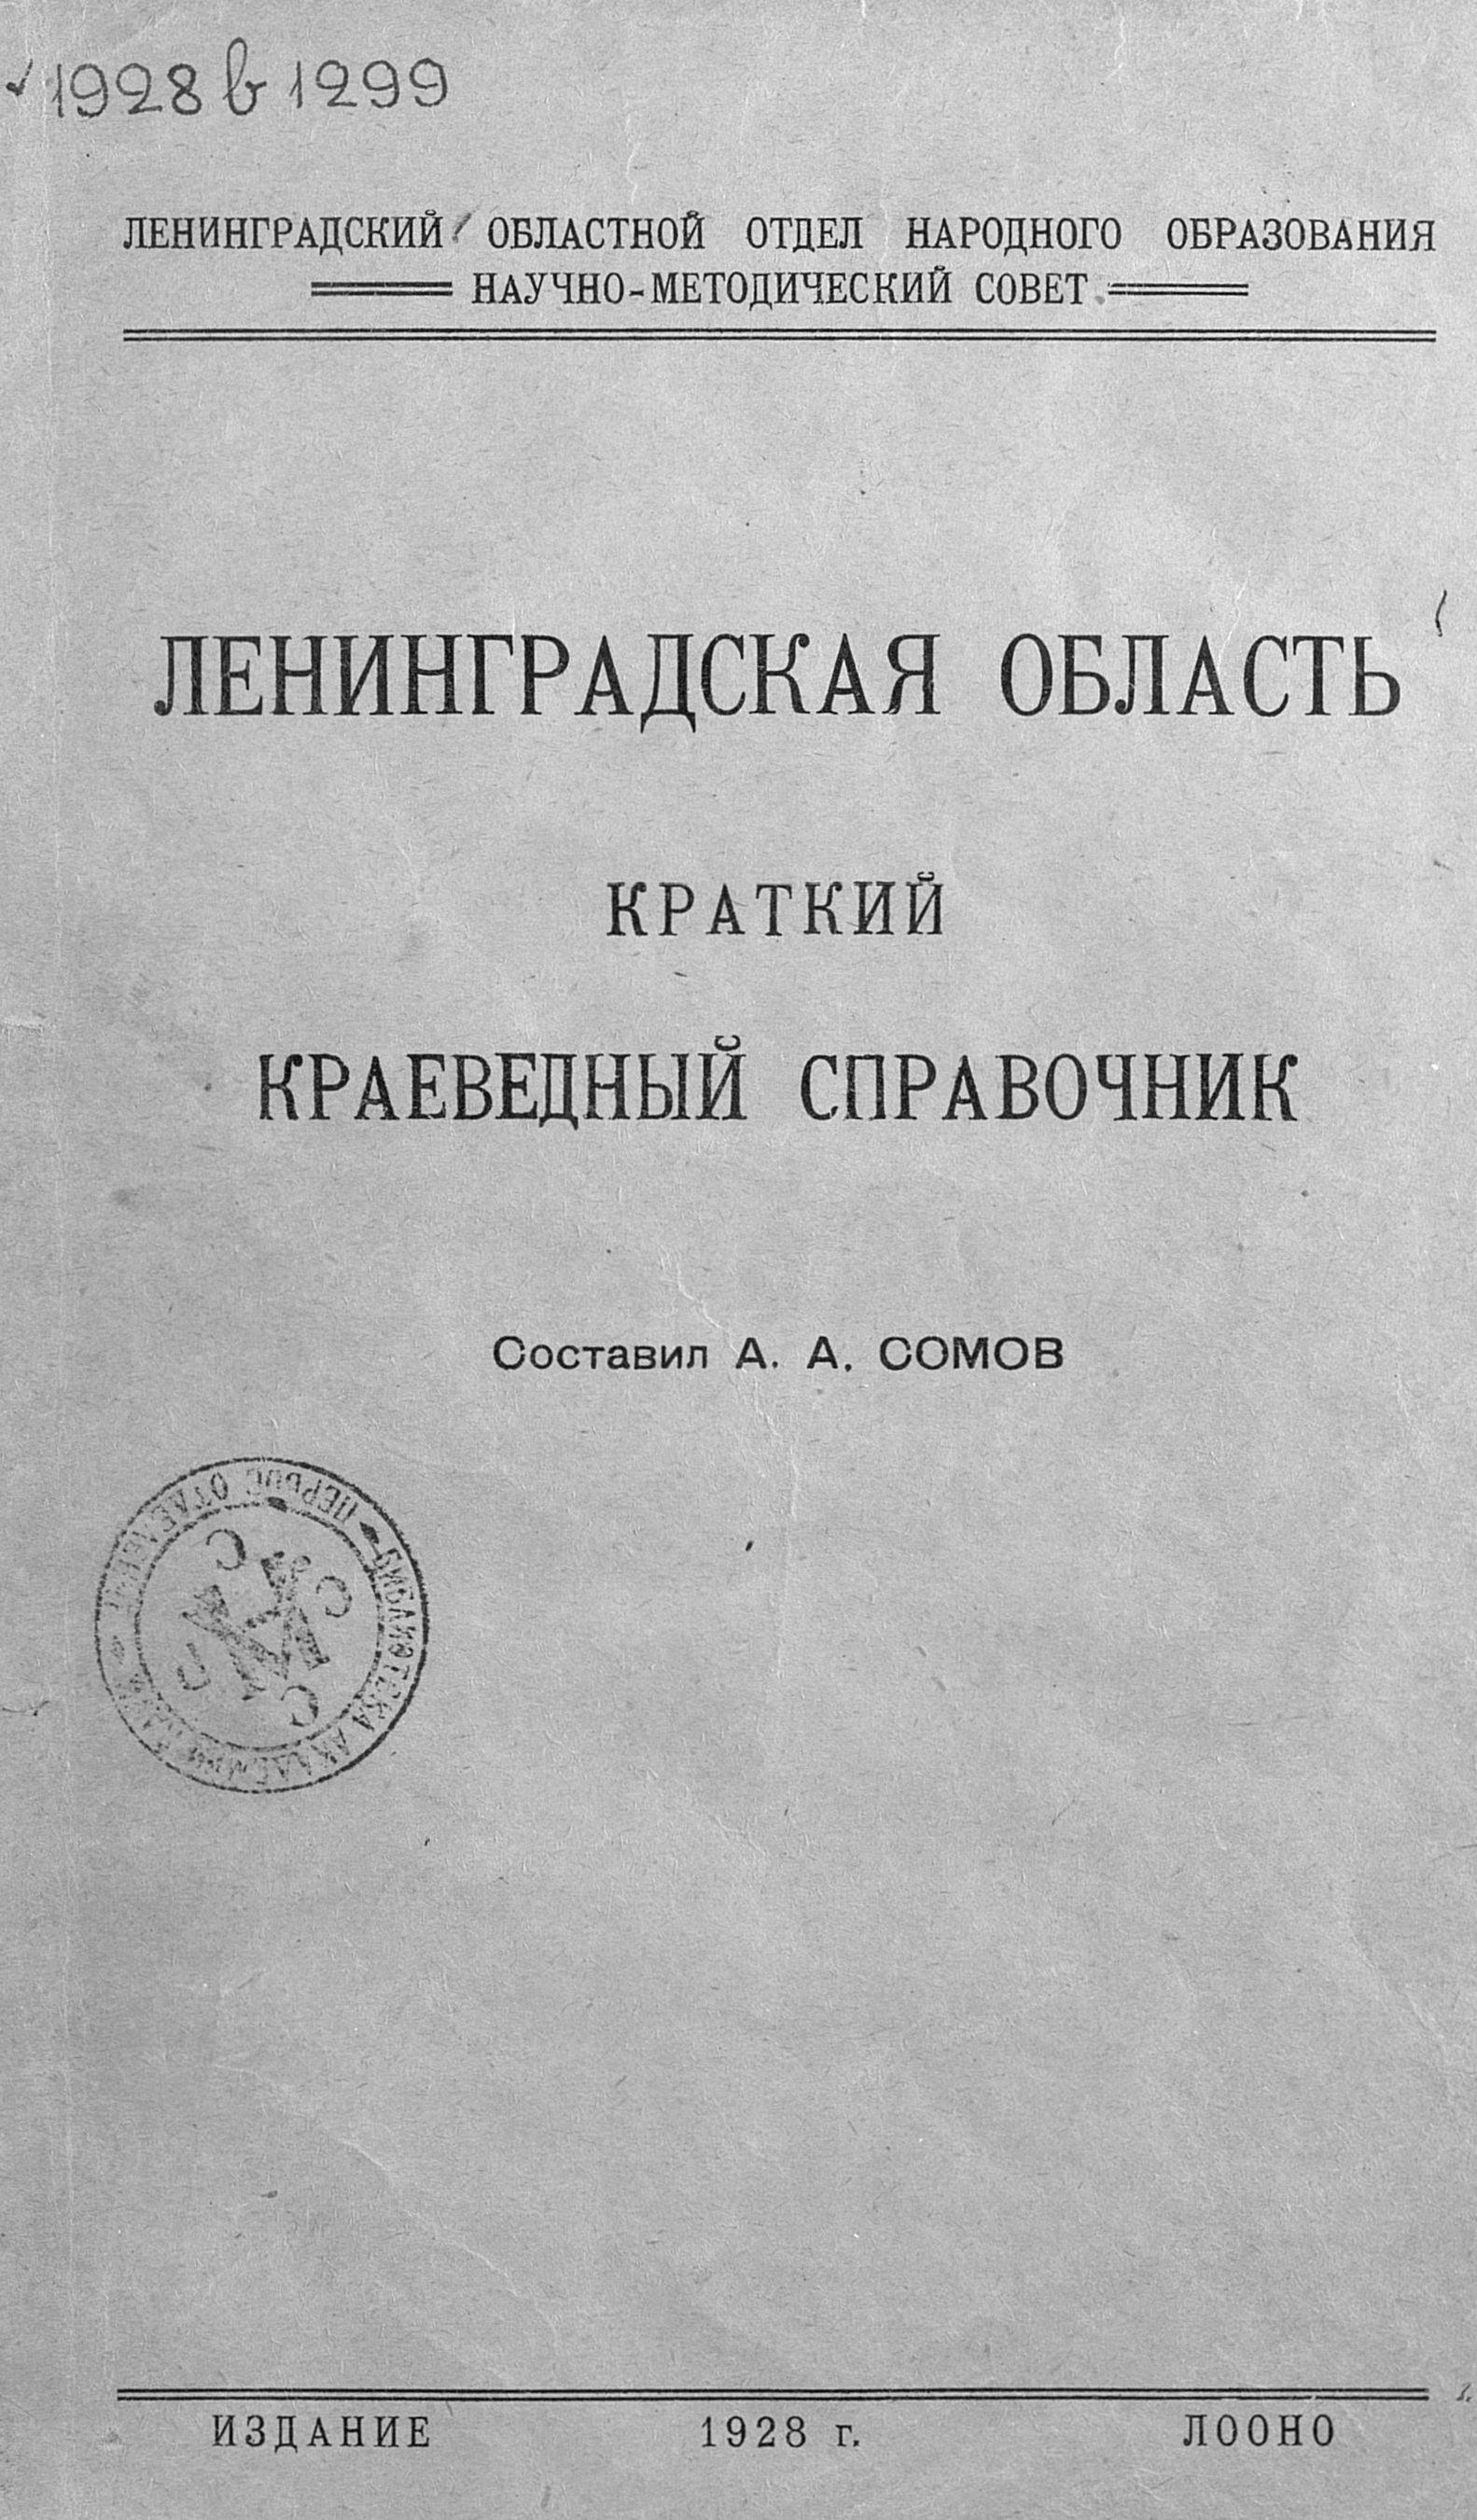 цена на Коллектив авторов Ленинградская область